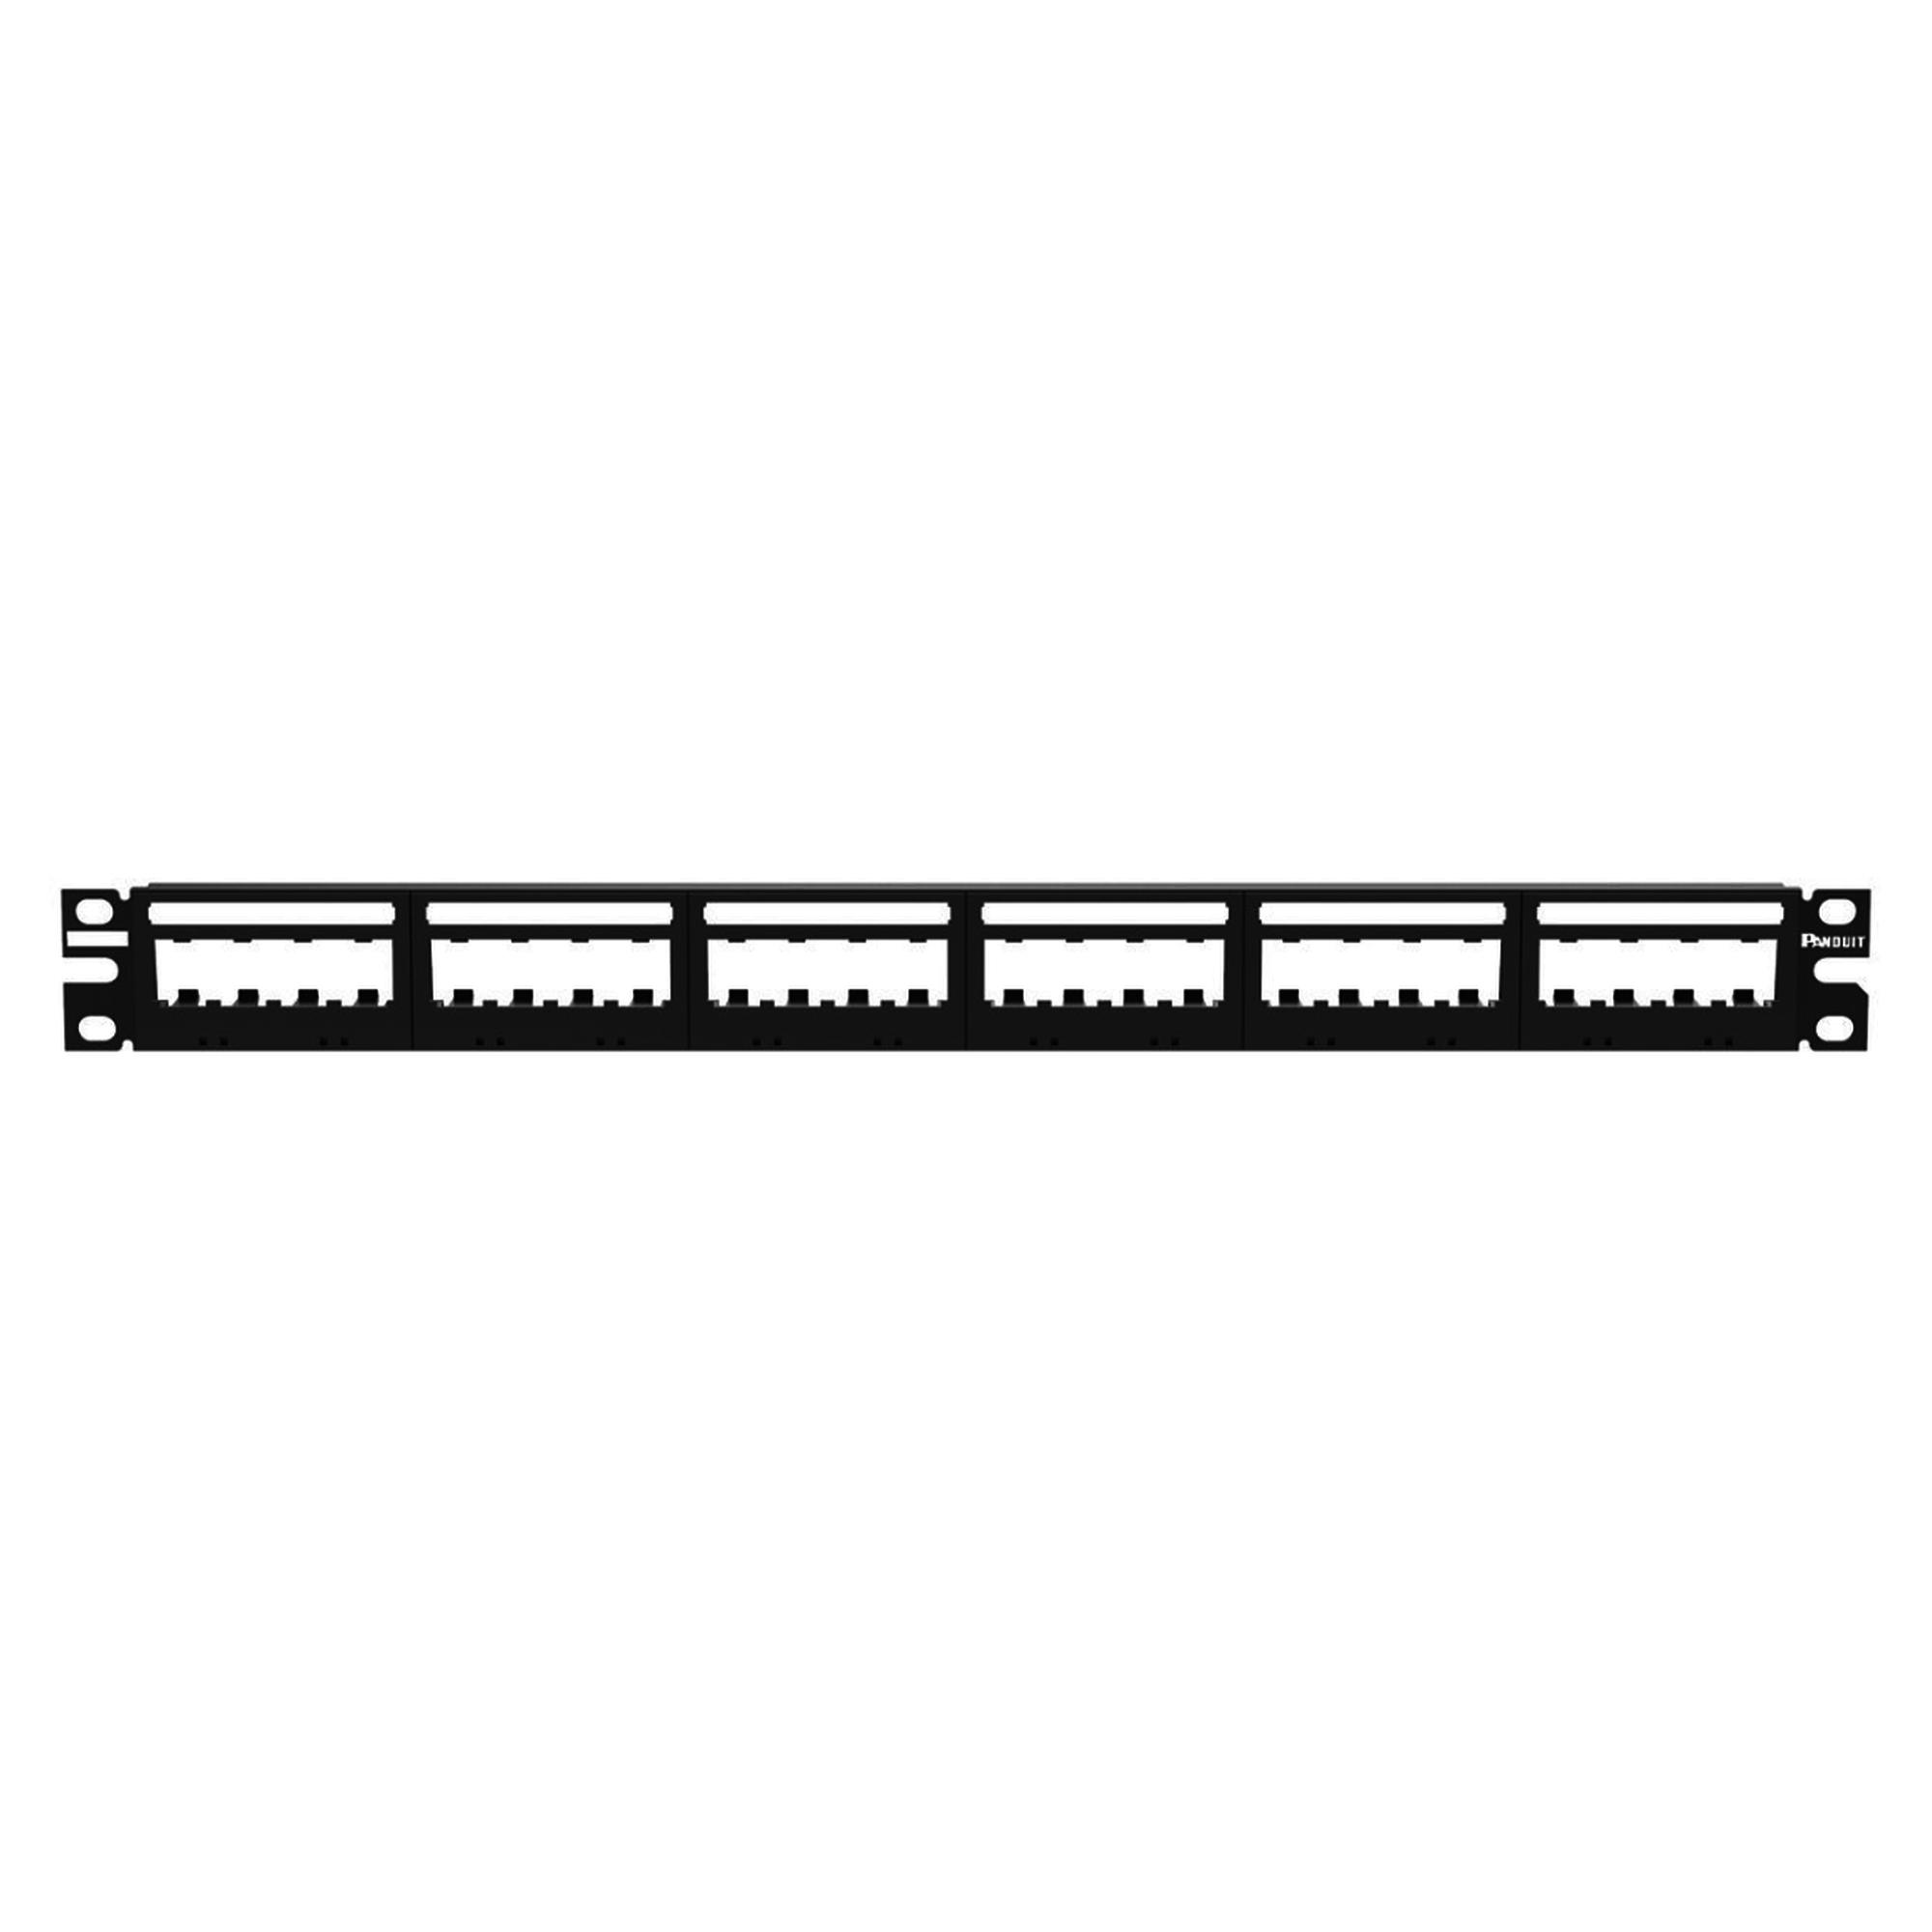 Panel de Parcheo Modular Mini-Com (Sin Conectores), Ultimate ID?, Plano, Sin Blindaje, Con Etiqueta y Cubierta, de 24 puertos, 1UR